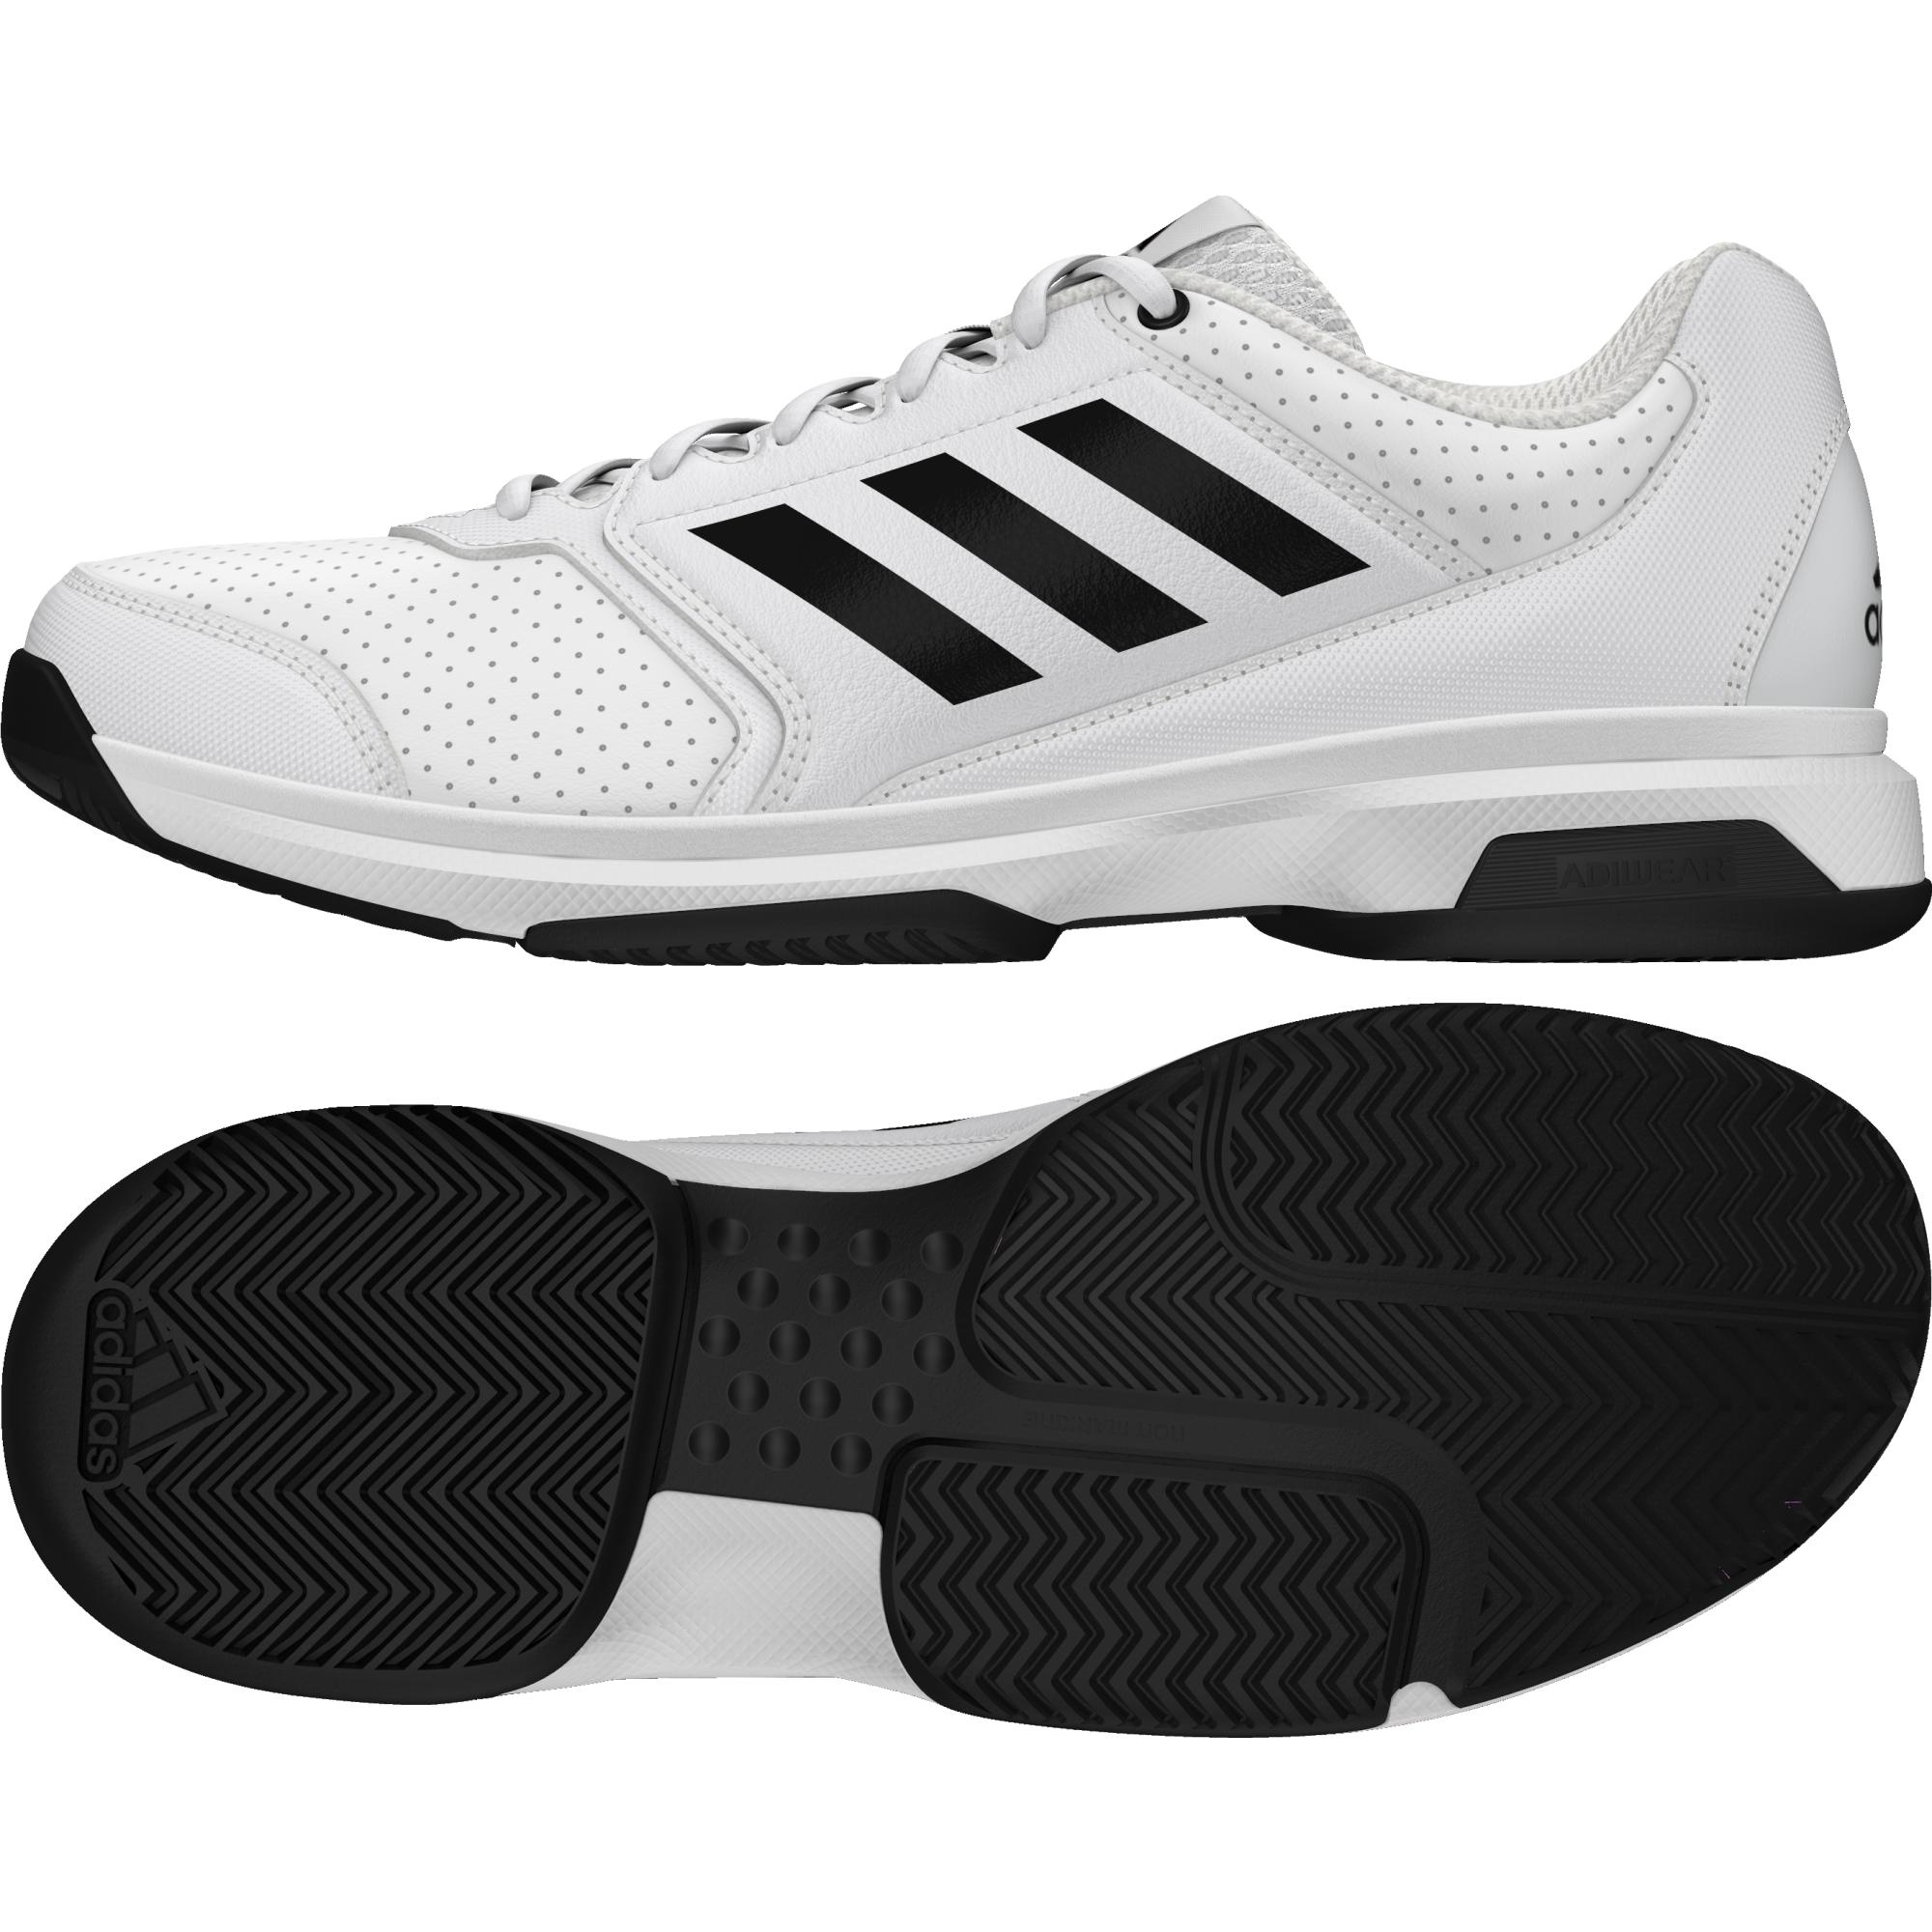 Adidas Adizero Attack férfi teniszcipő